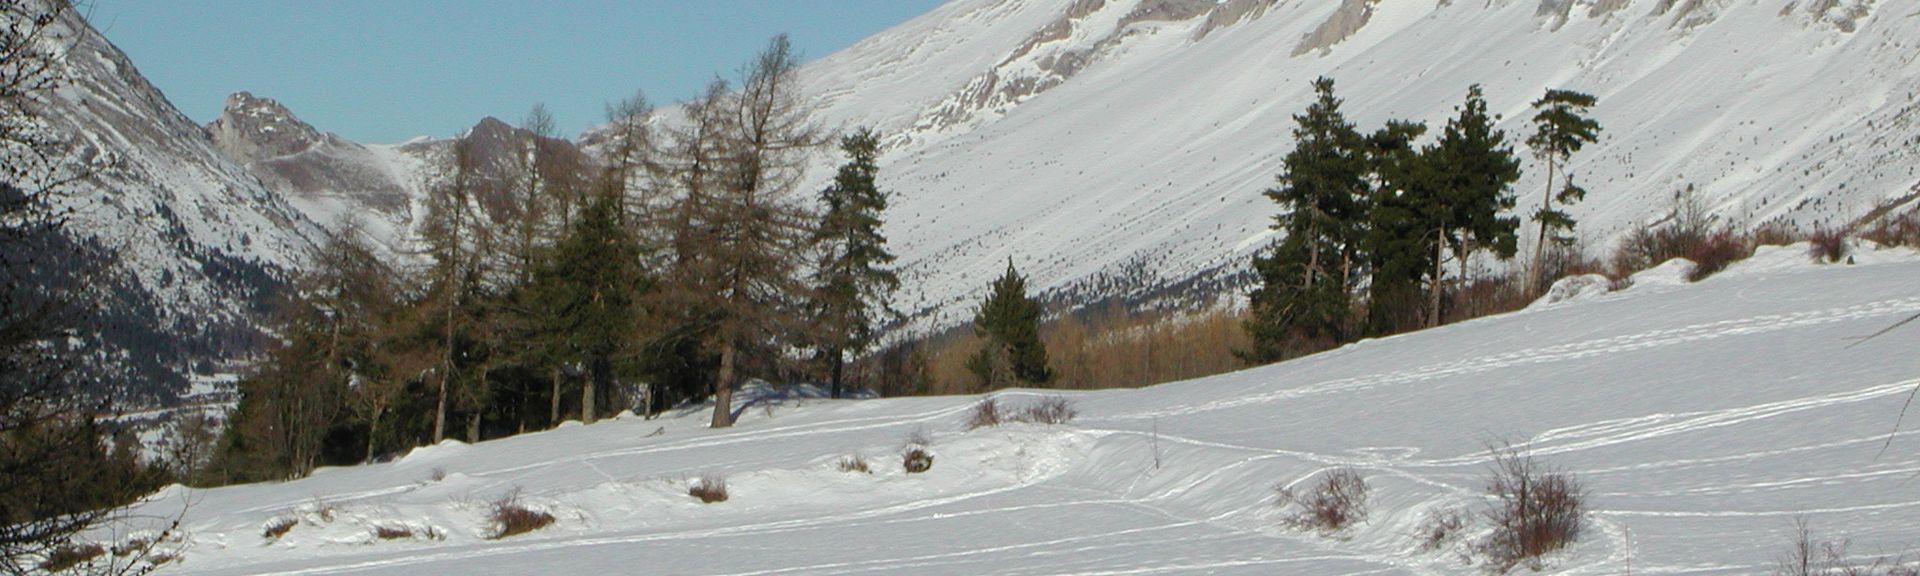 La Faurie, Hautes-Alpes, France